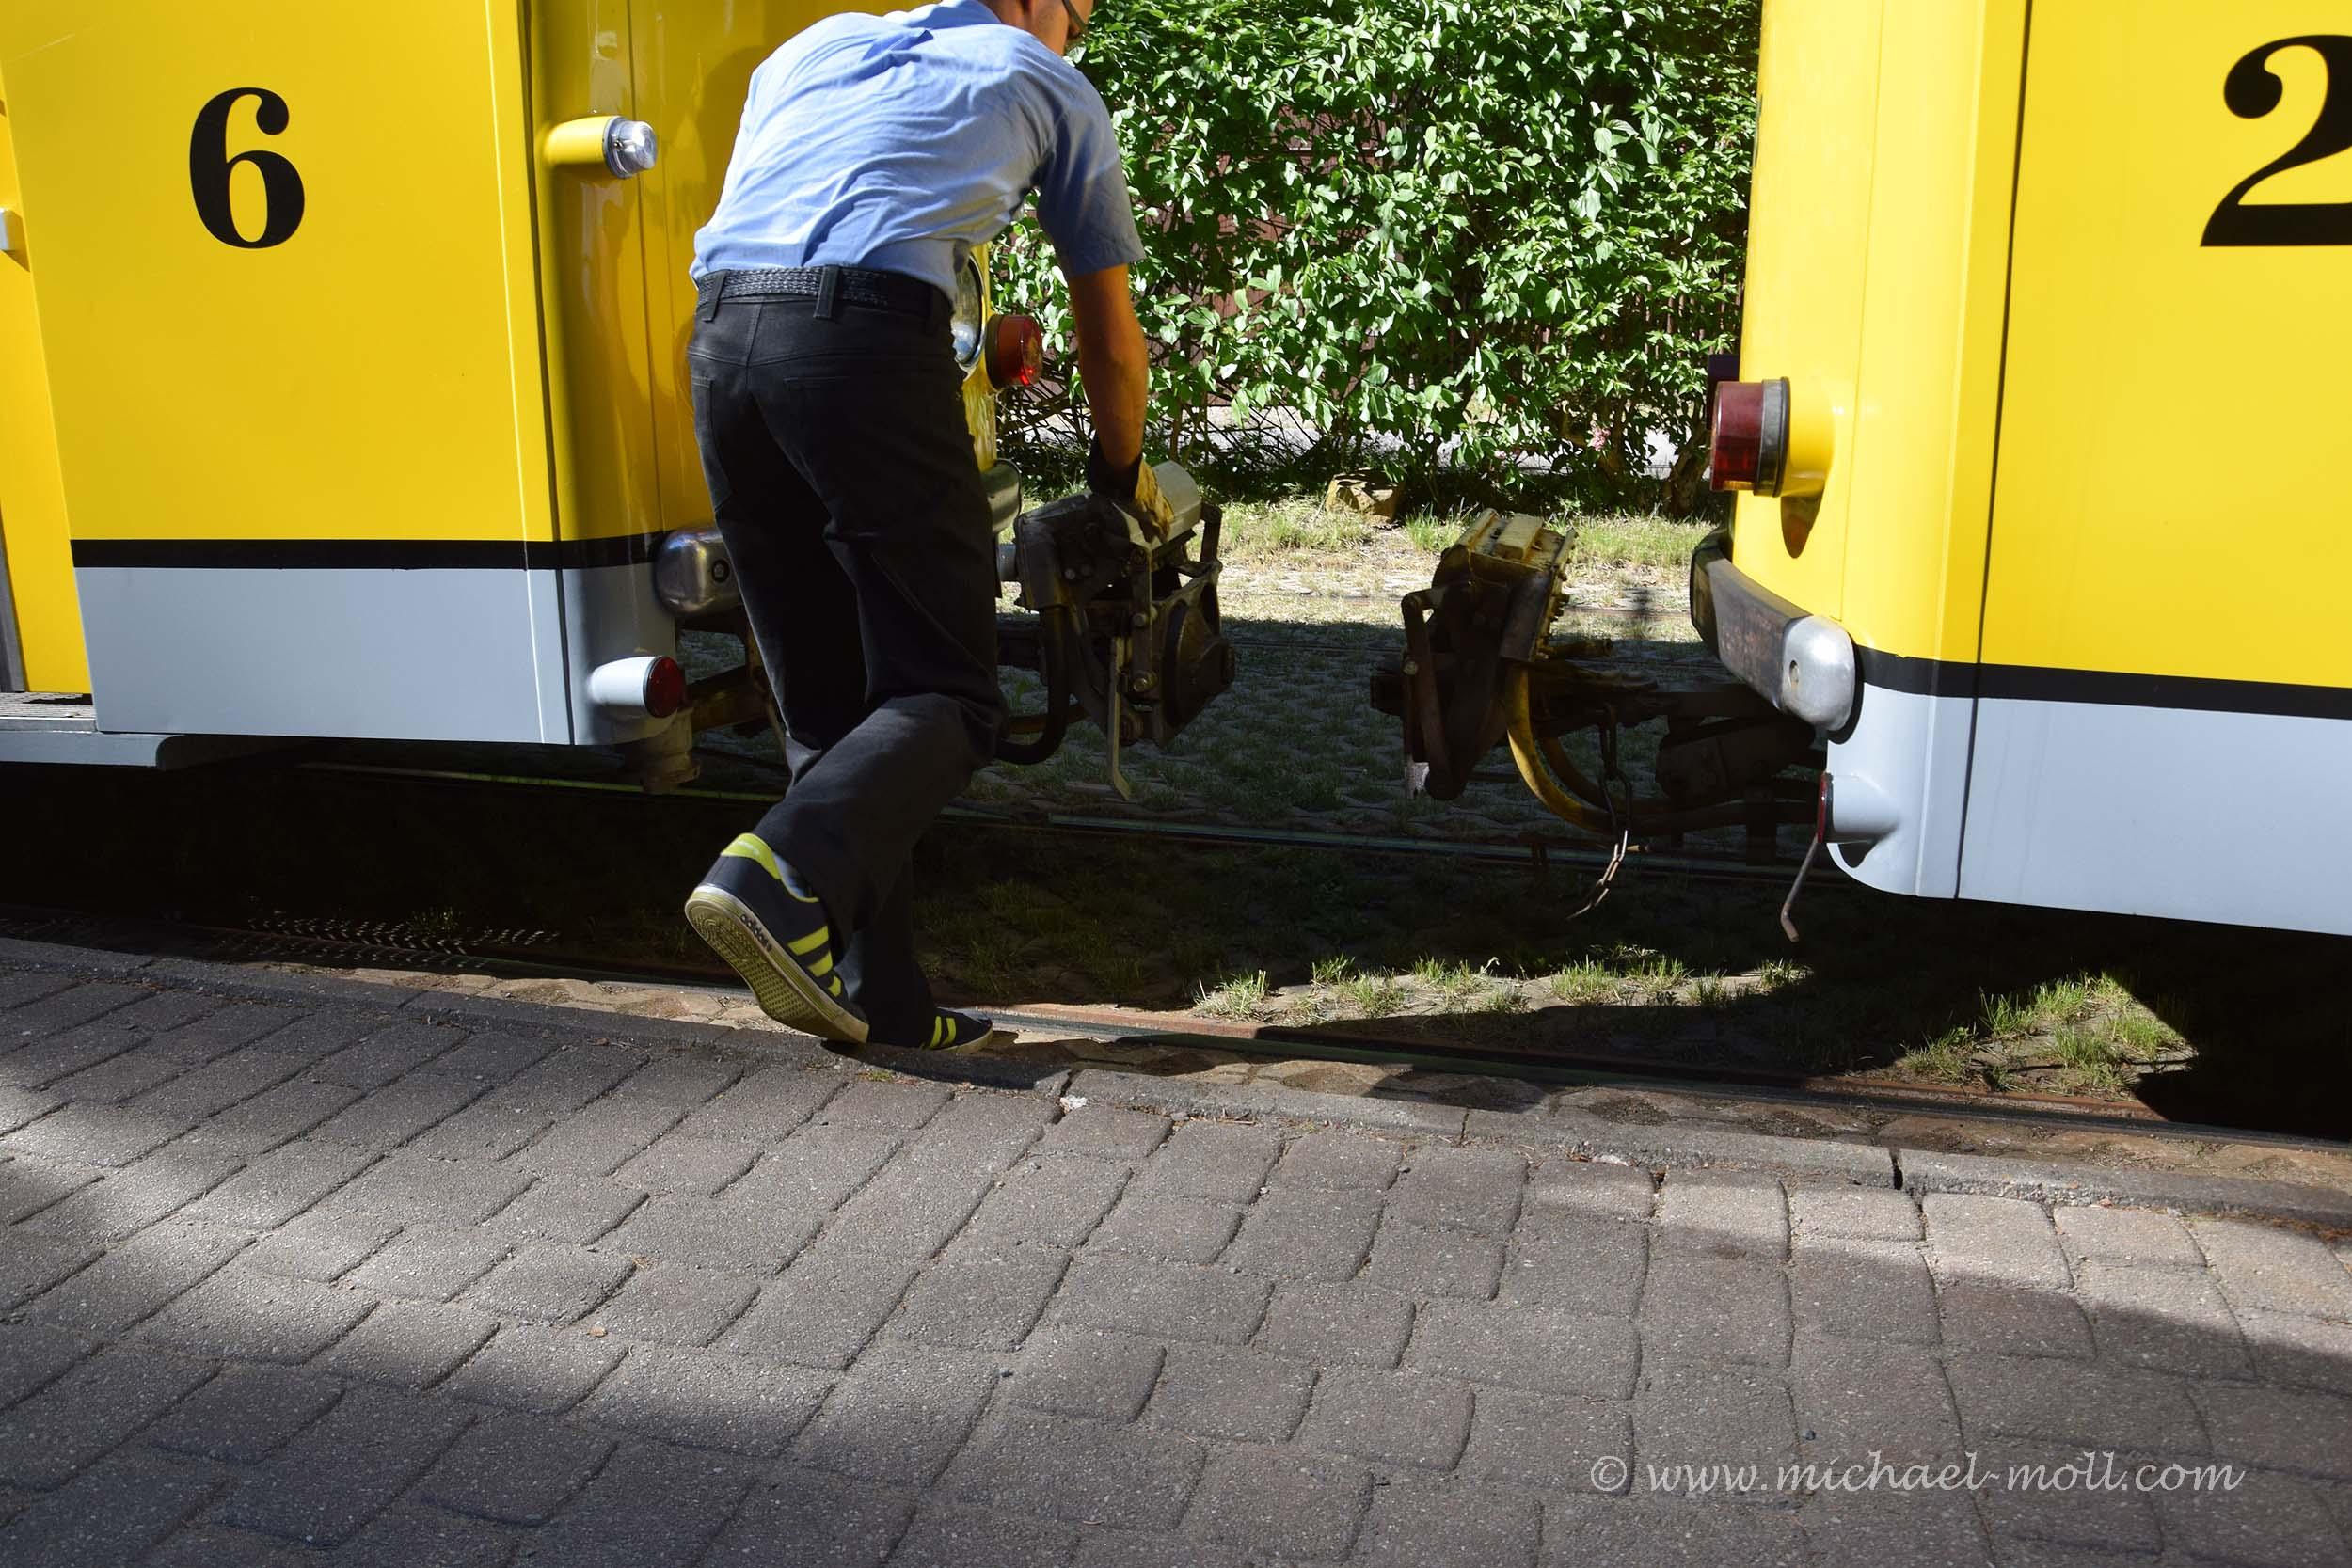 Der Straßenbahnfahrer koppelt die Wagen an